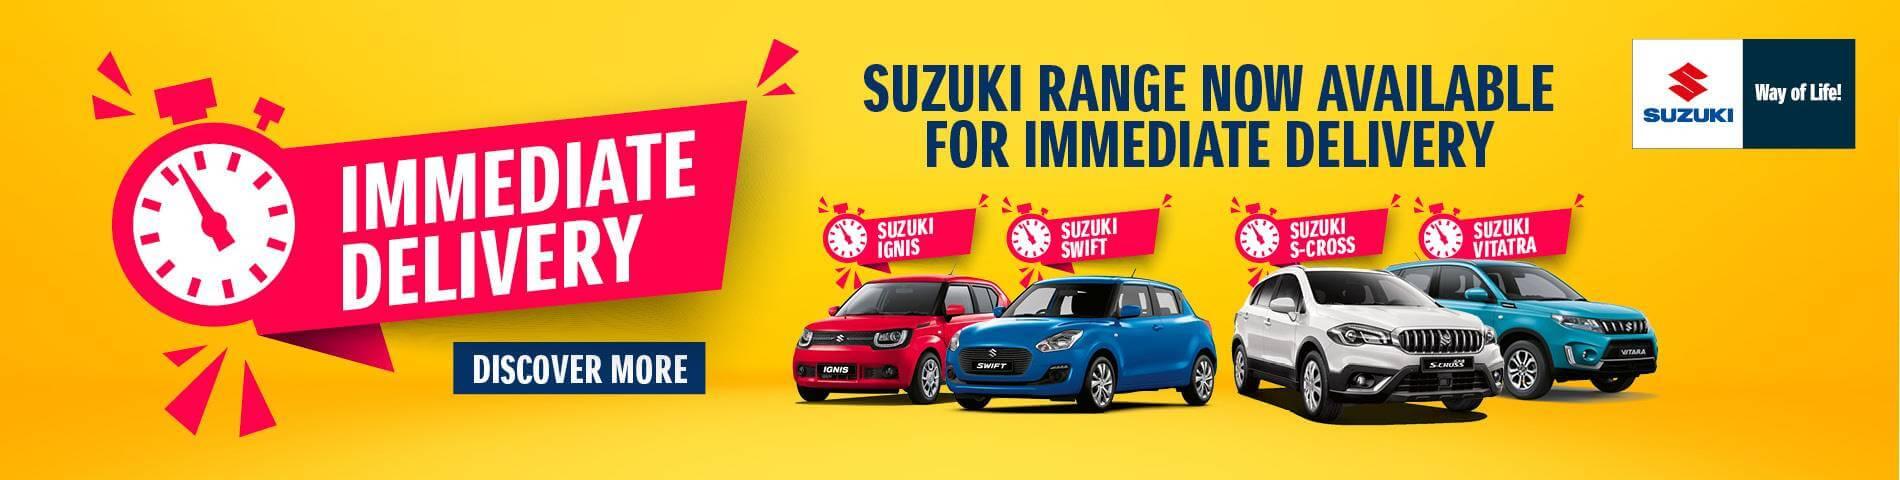 Suzuki immediate